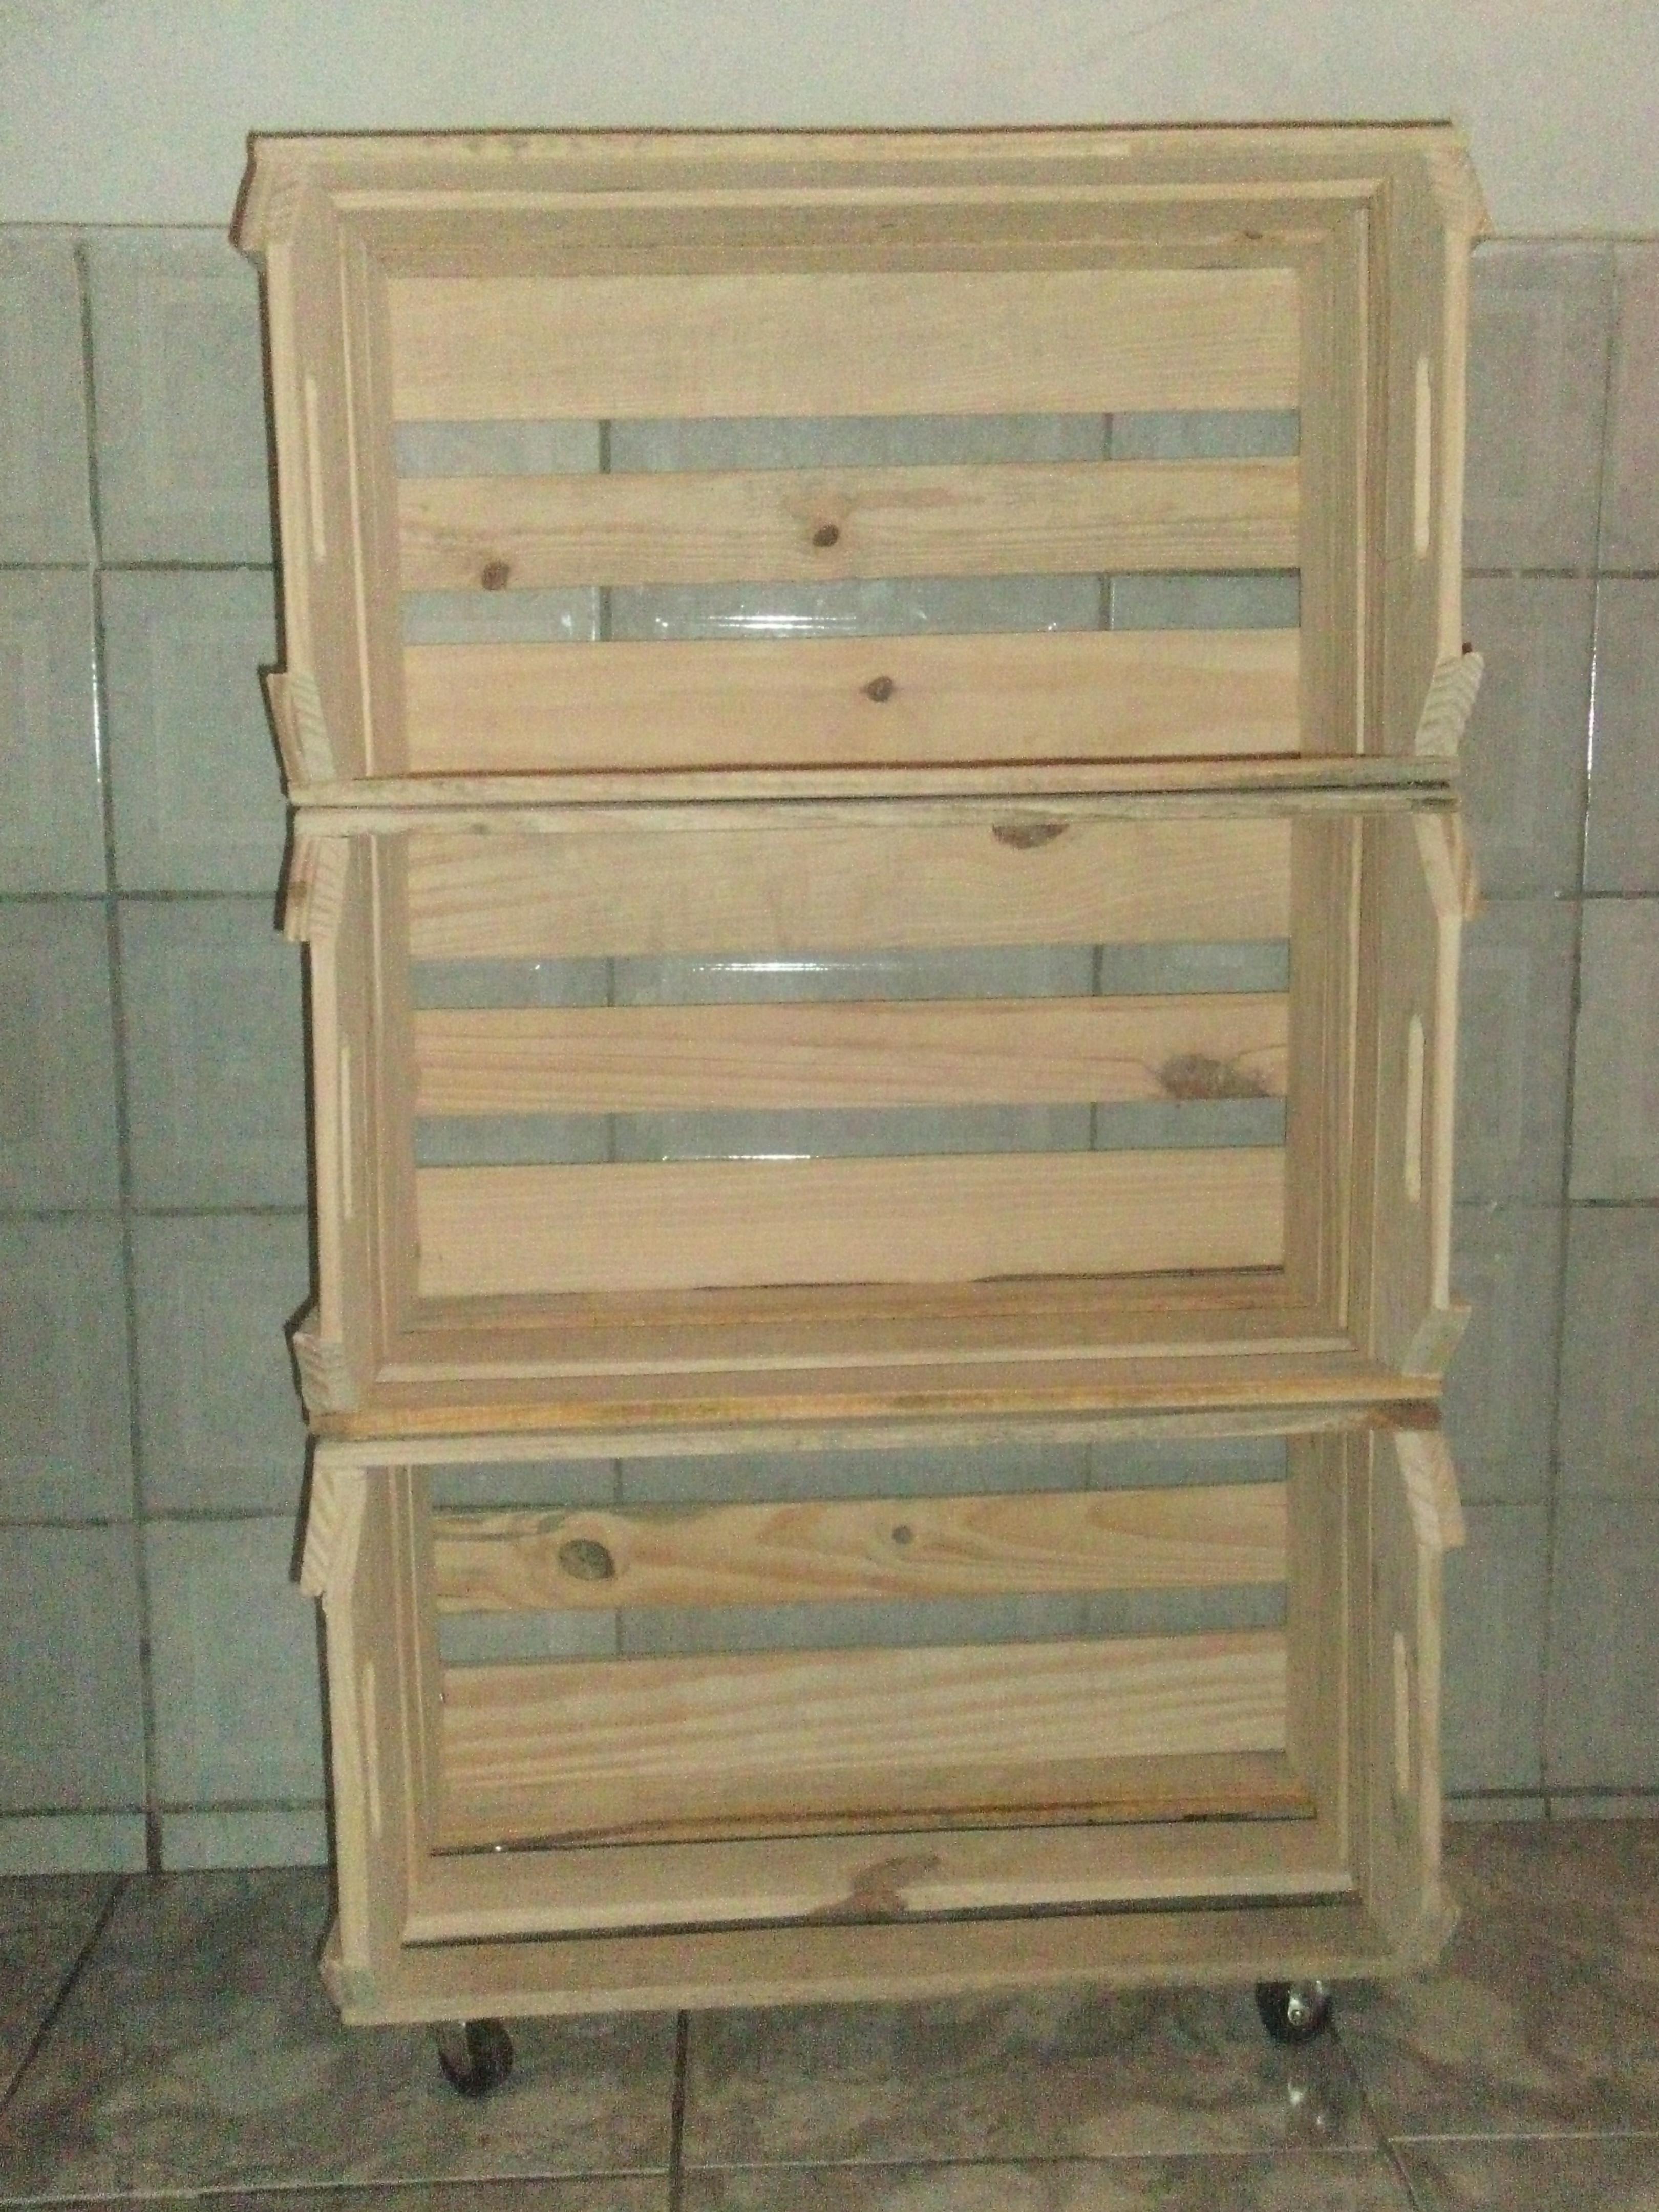 caixote de feira estante com rodizios caixote de feira estante #8D6F3E 3240x4320